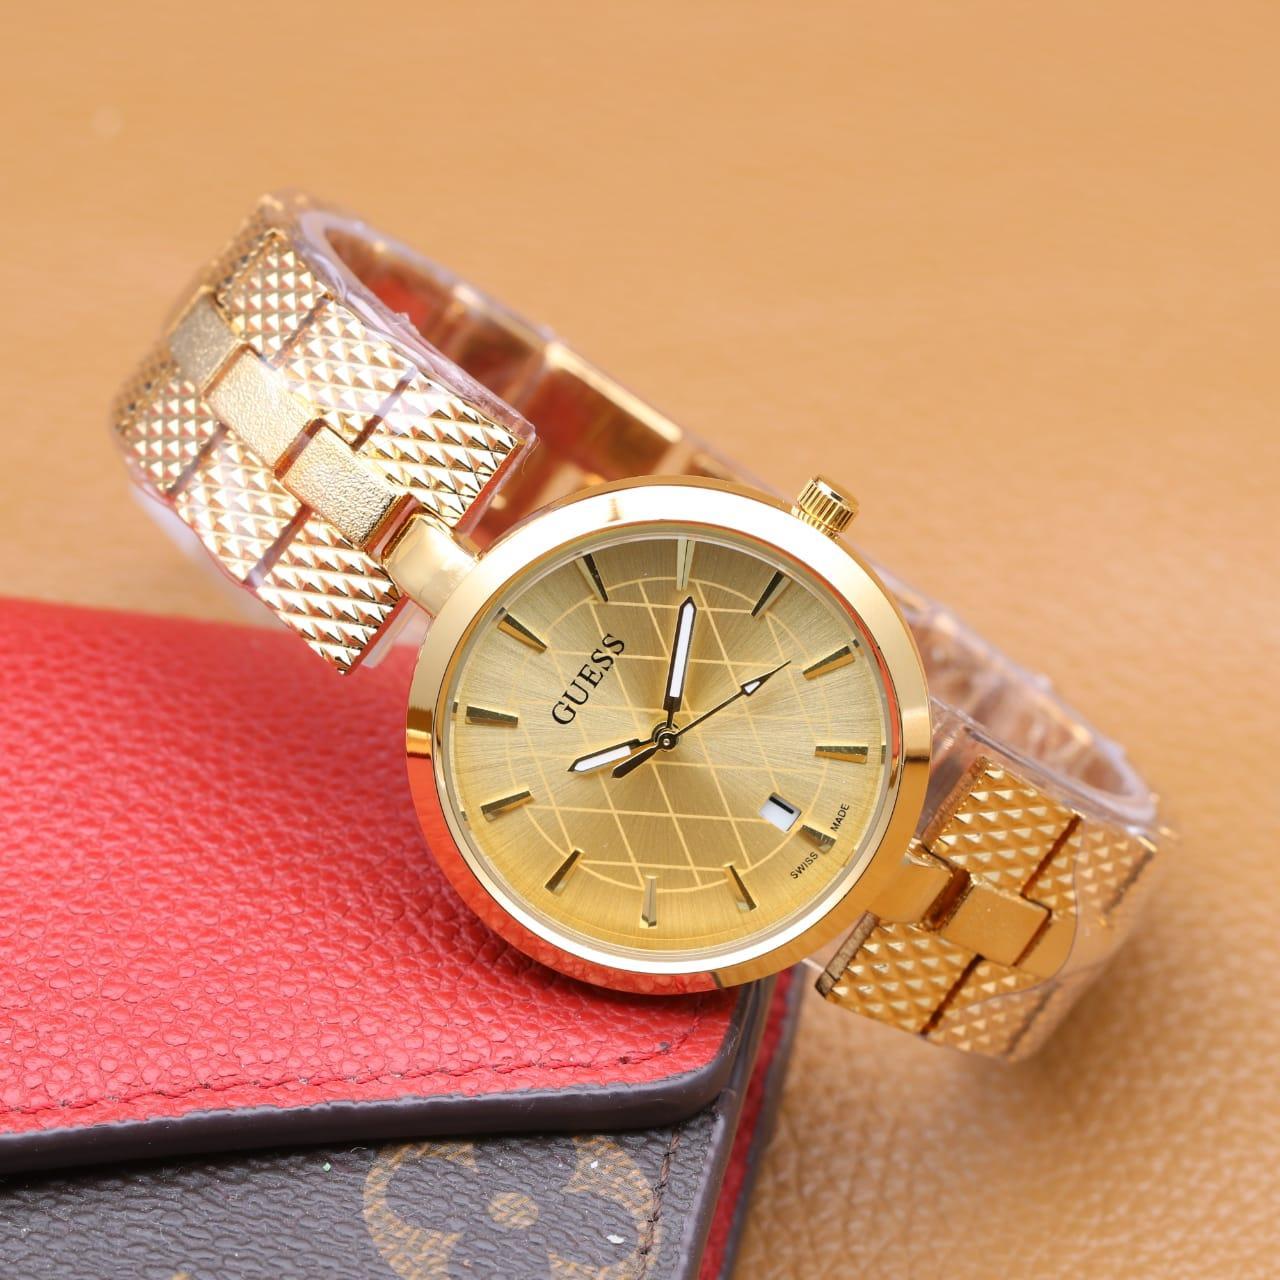 Guess Jam Tangan Wanita Emas Strap Stainless Steel W0437l2 Daftar W0335l2 Multifunction Gold Source Analog Watch